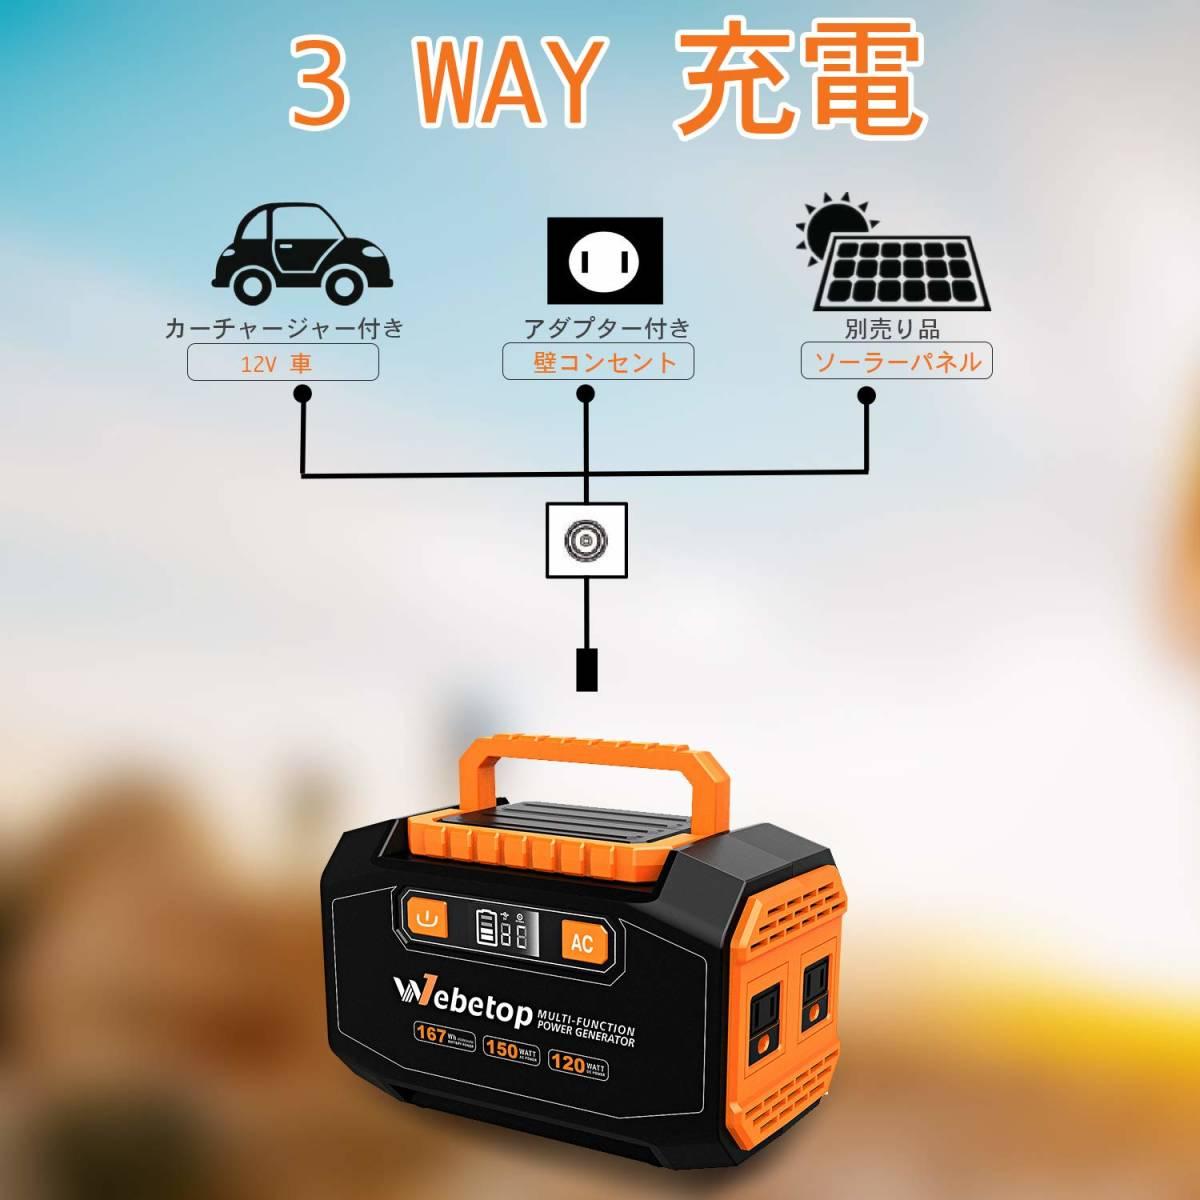 送料無料 Webetop ポータブル電源 167Wh 大容量 AC(150W) DC USB出力 QC3.0急速充電 家庭用蓄電池 充電方法三つ ソーラーパネル充電_画像4